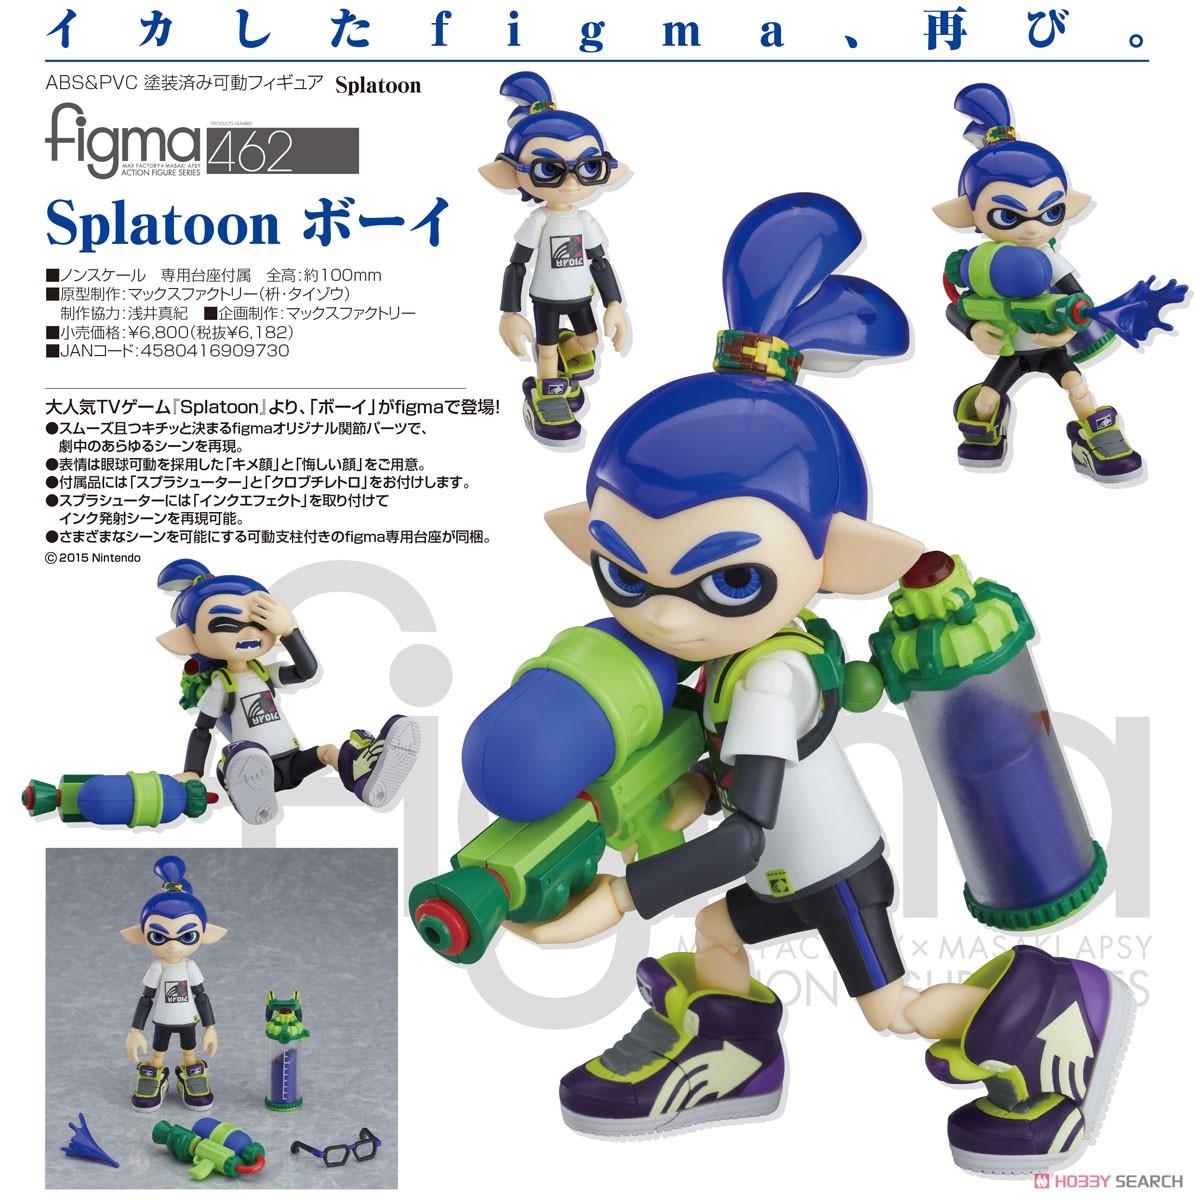 figma『Splatoon ボーイ DXエディション』スプラトゥーン 可動フィギュア-014